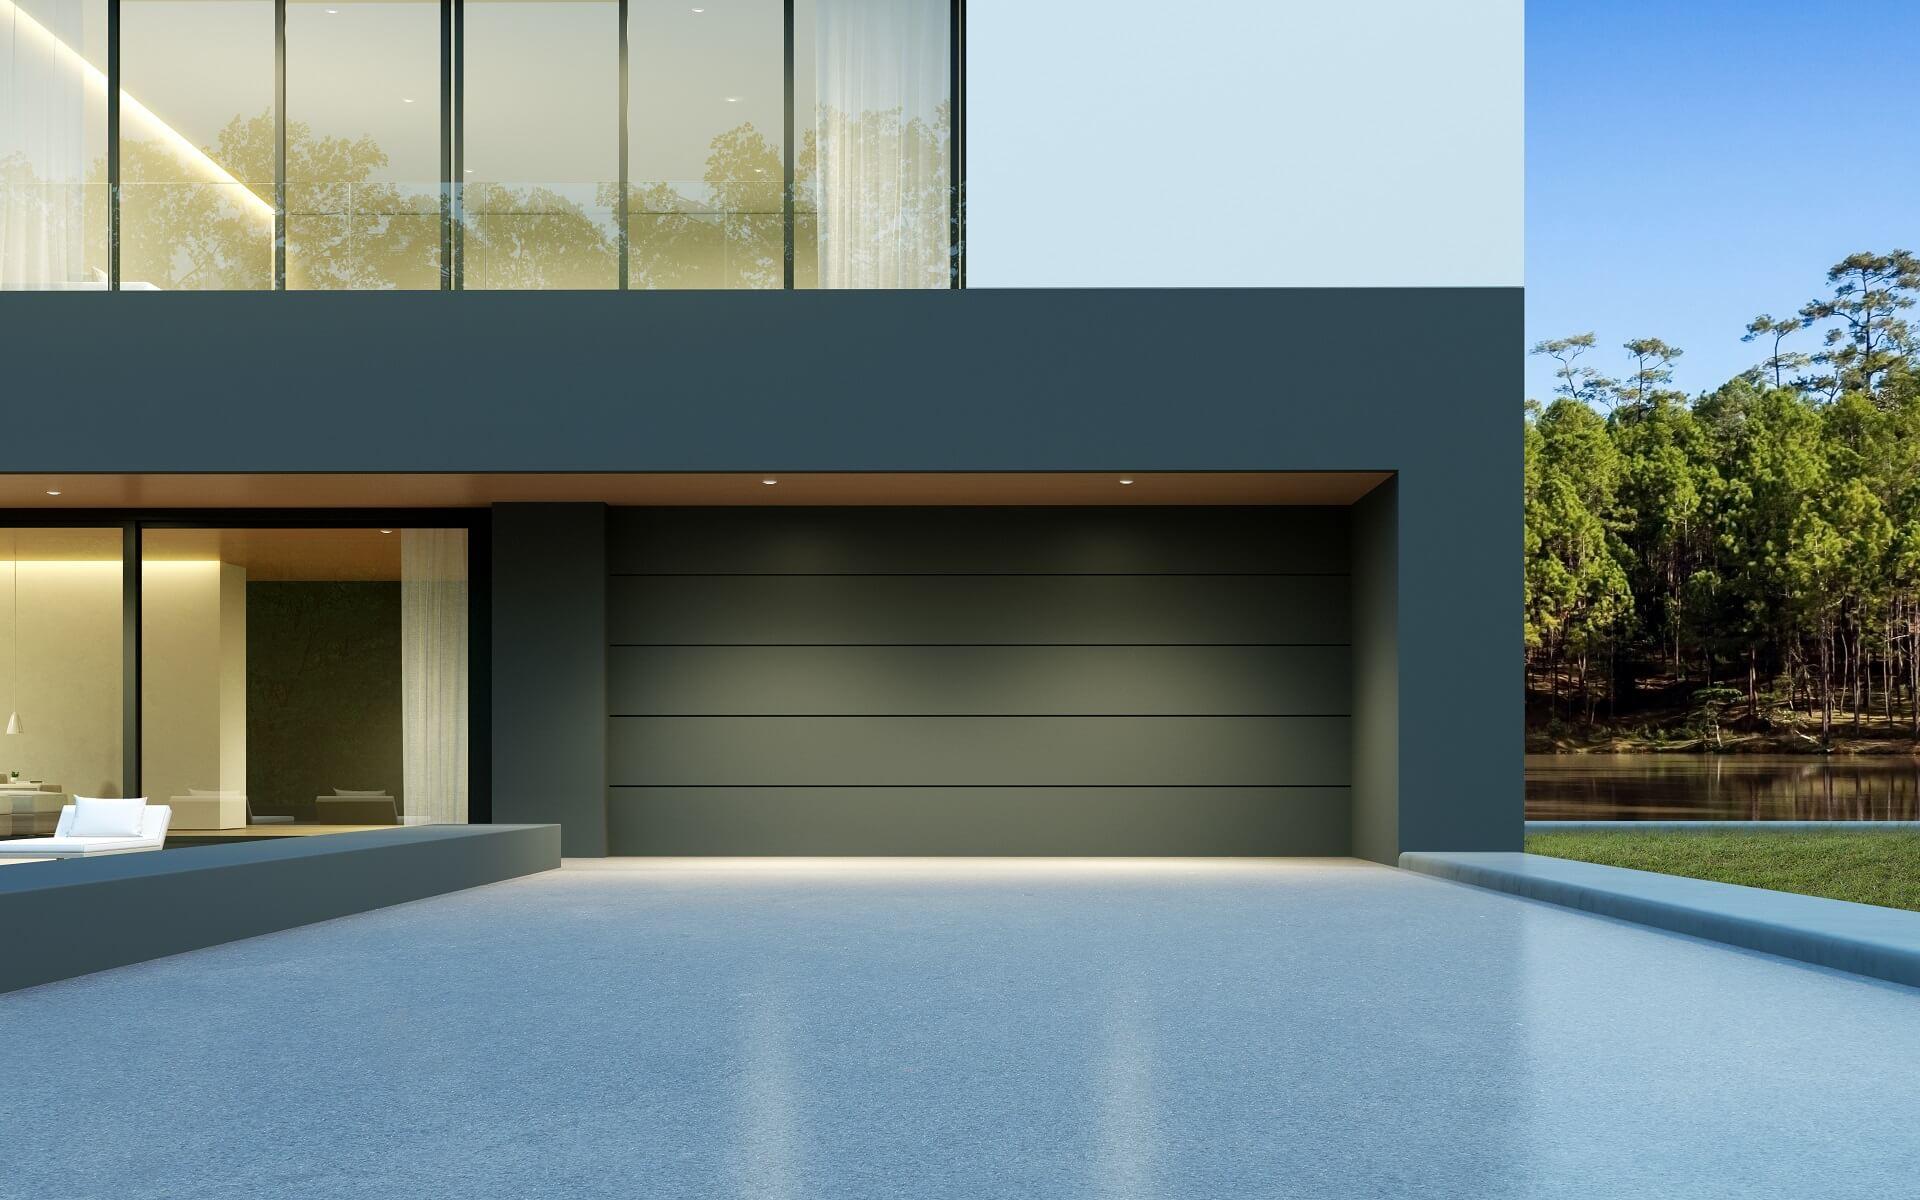 2021 garage door design trends & styles